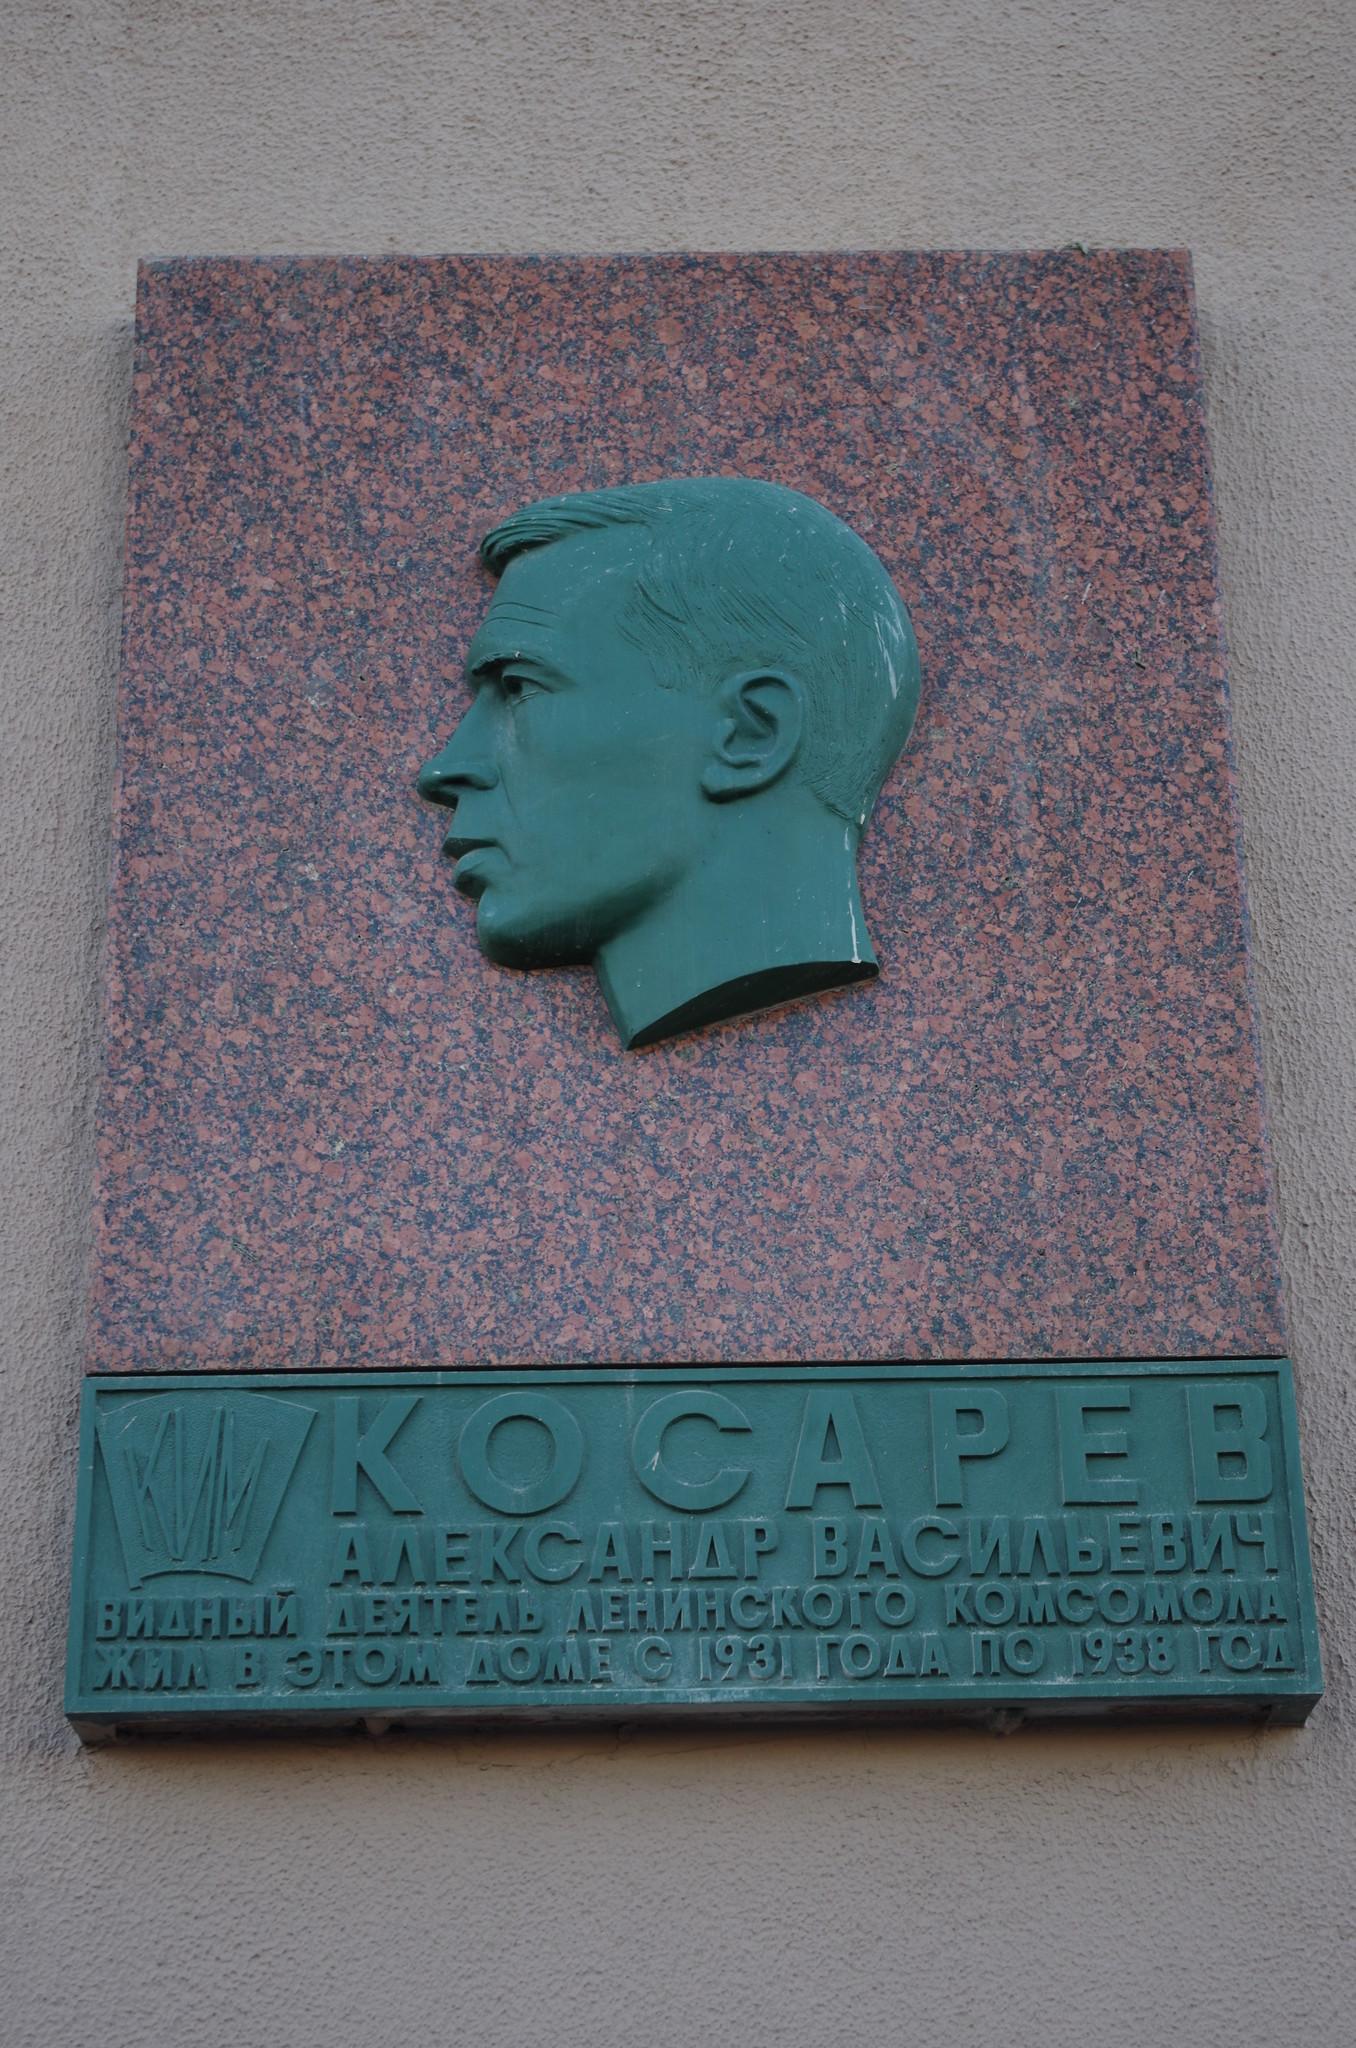 Мемориальная доска на стене «Дома на набережной» (улица Серафимовича, дом 2), где с 1931 года по 1938 год жил Александр Васильевич Косарев